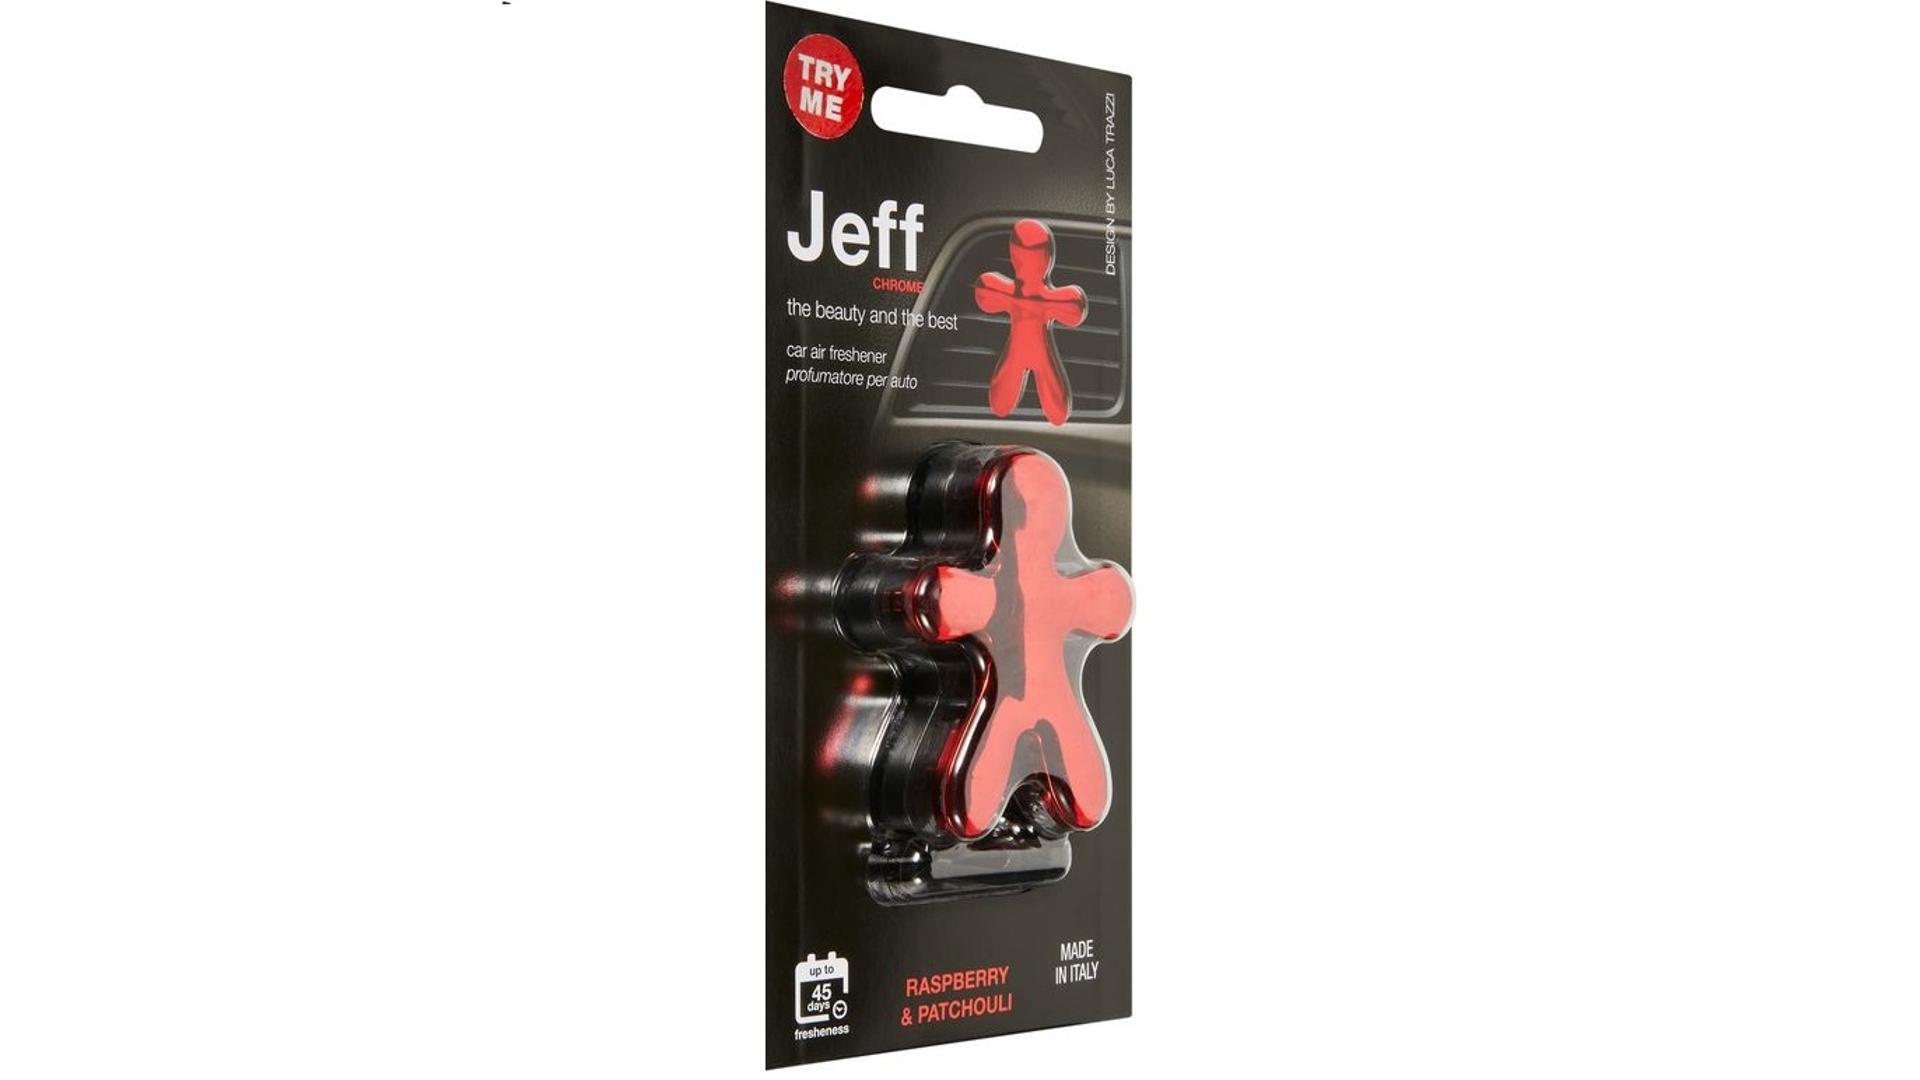 JEFF osviežovač vzduchu červený chrome -  Raspberry & Patchouli